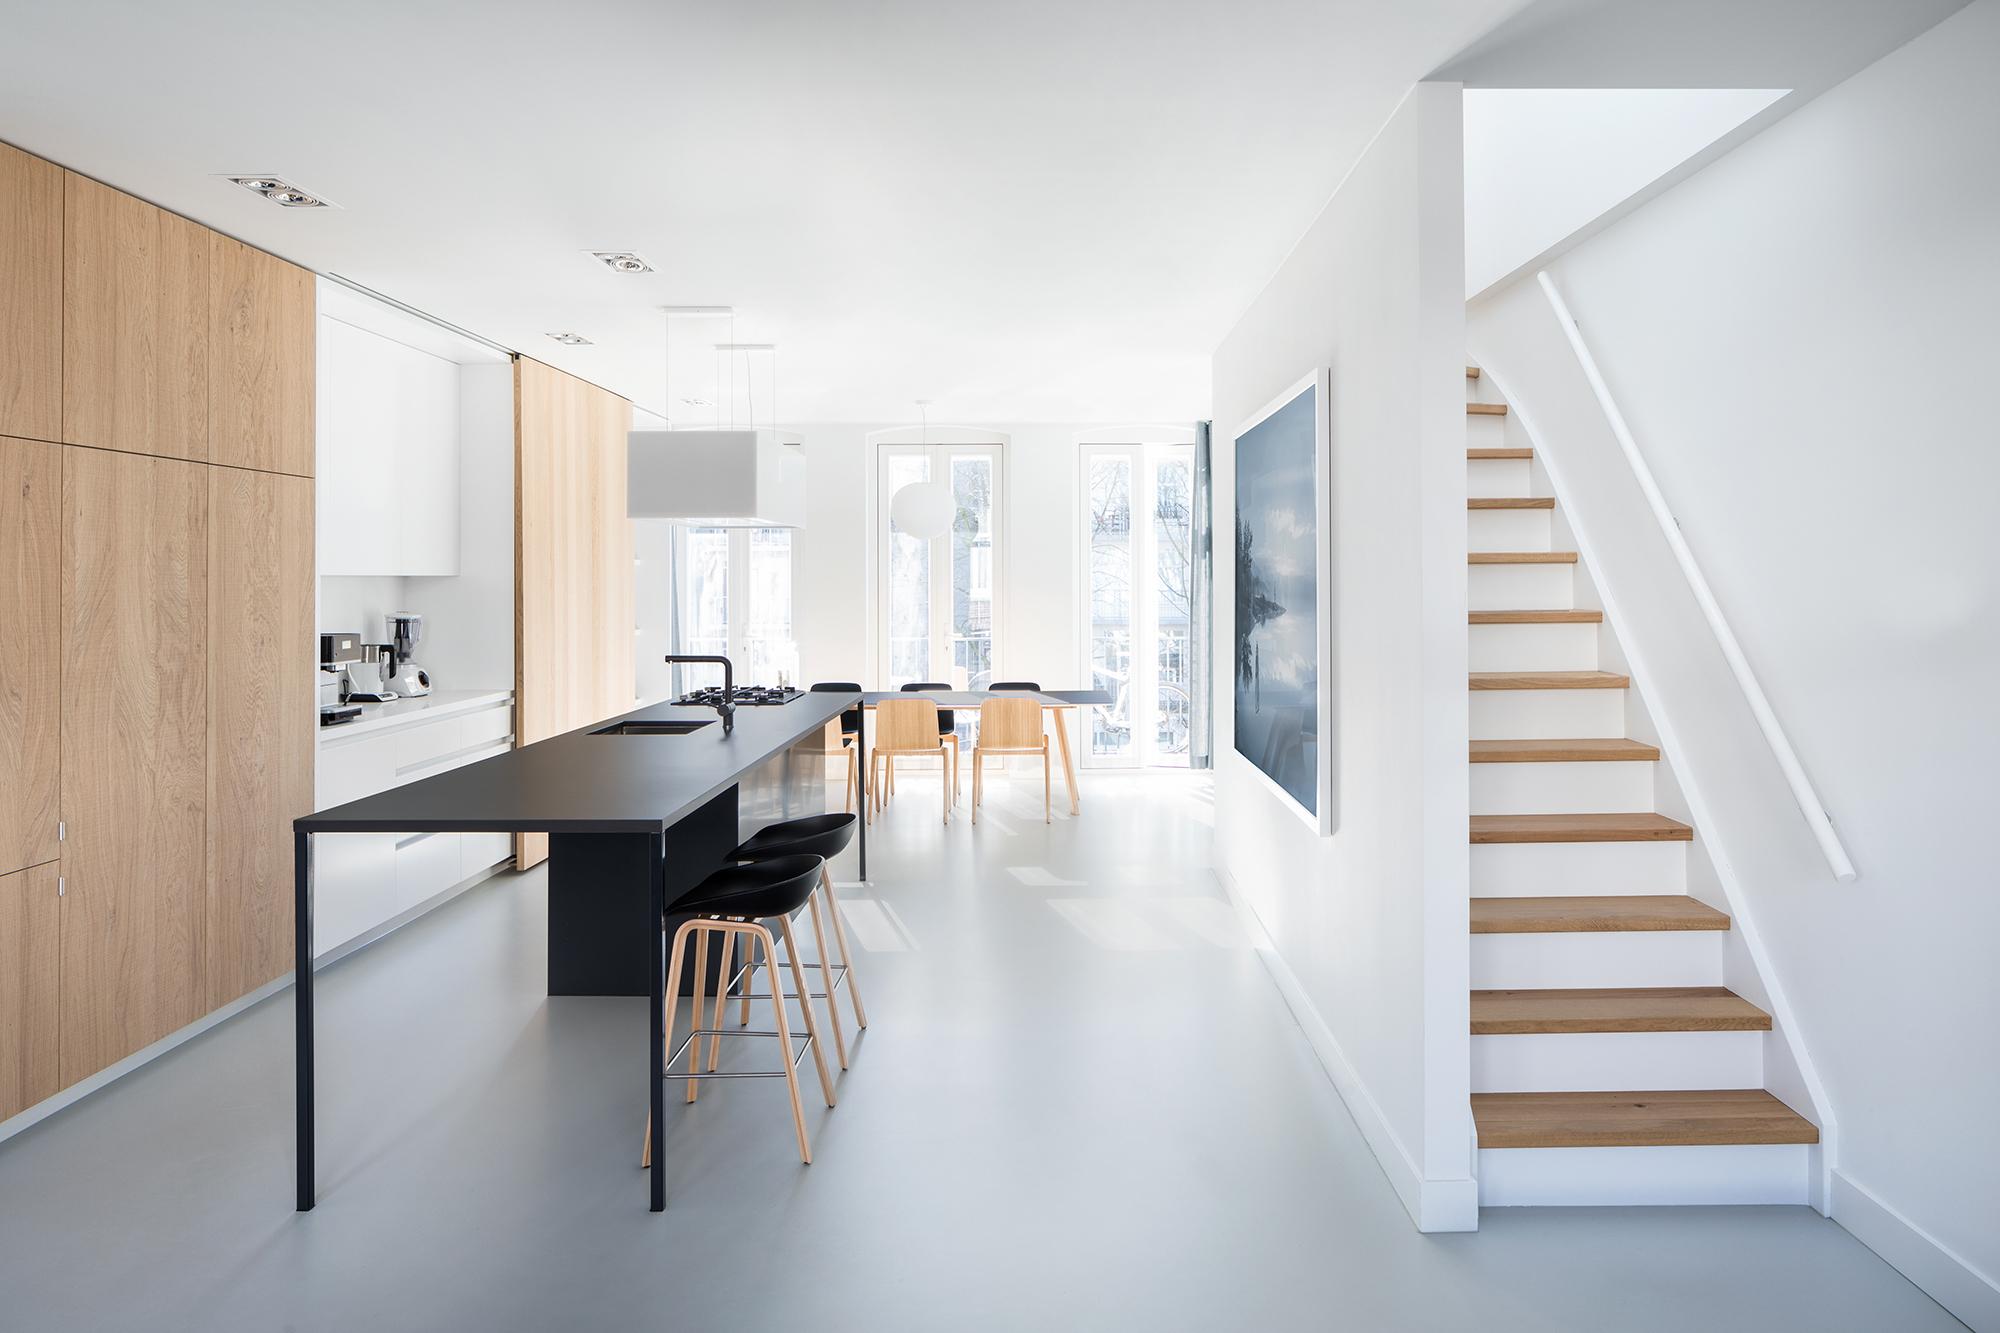 极简风格LOFT公寓楼梯装修效果图